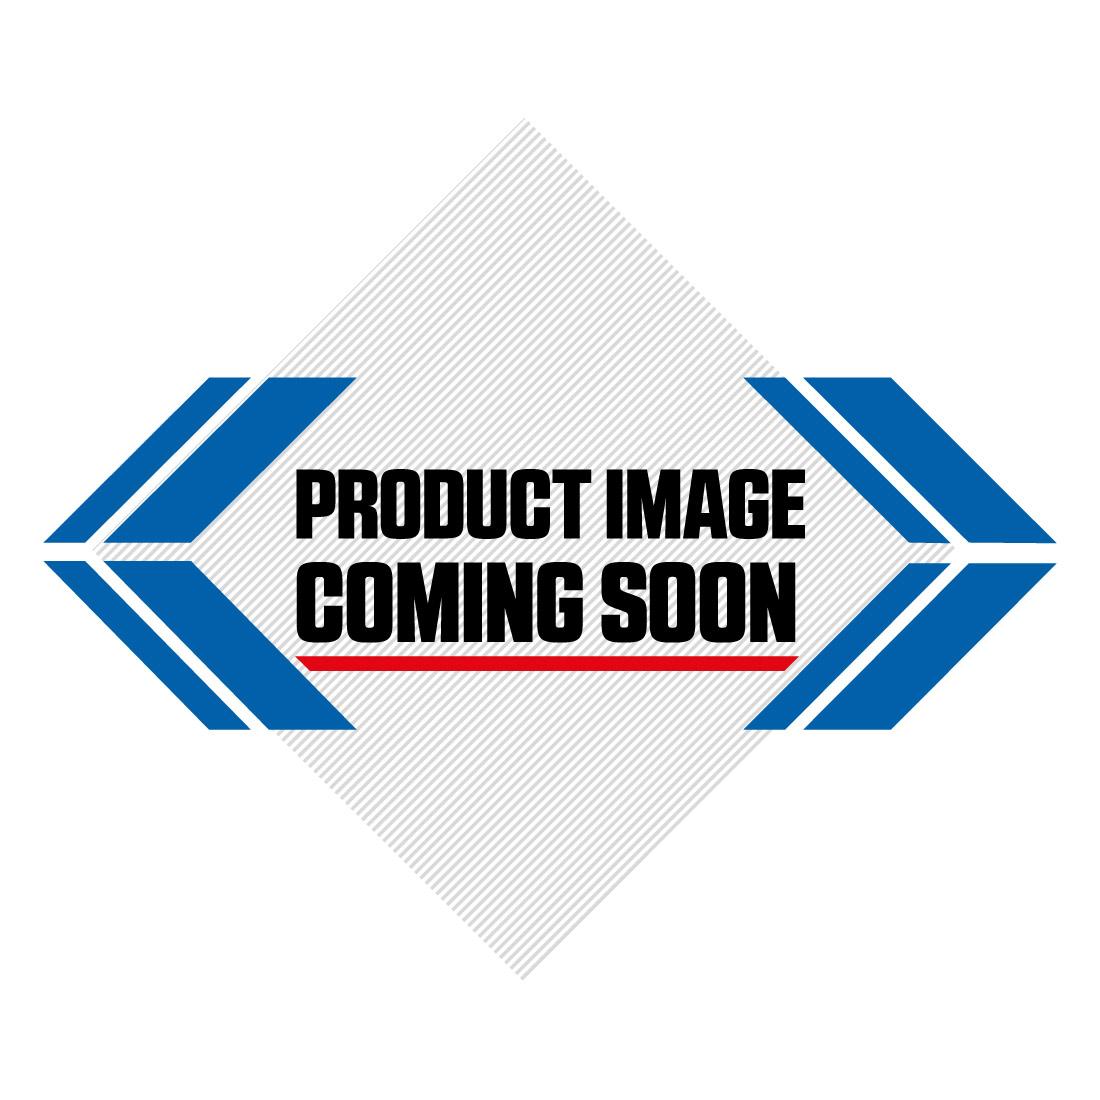 UFO Plastic Kit Husqvarna OEM Factory Image-3